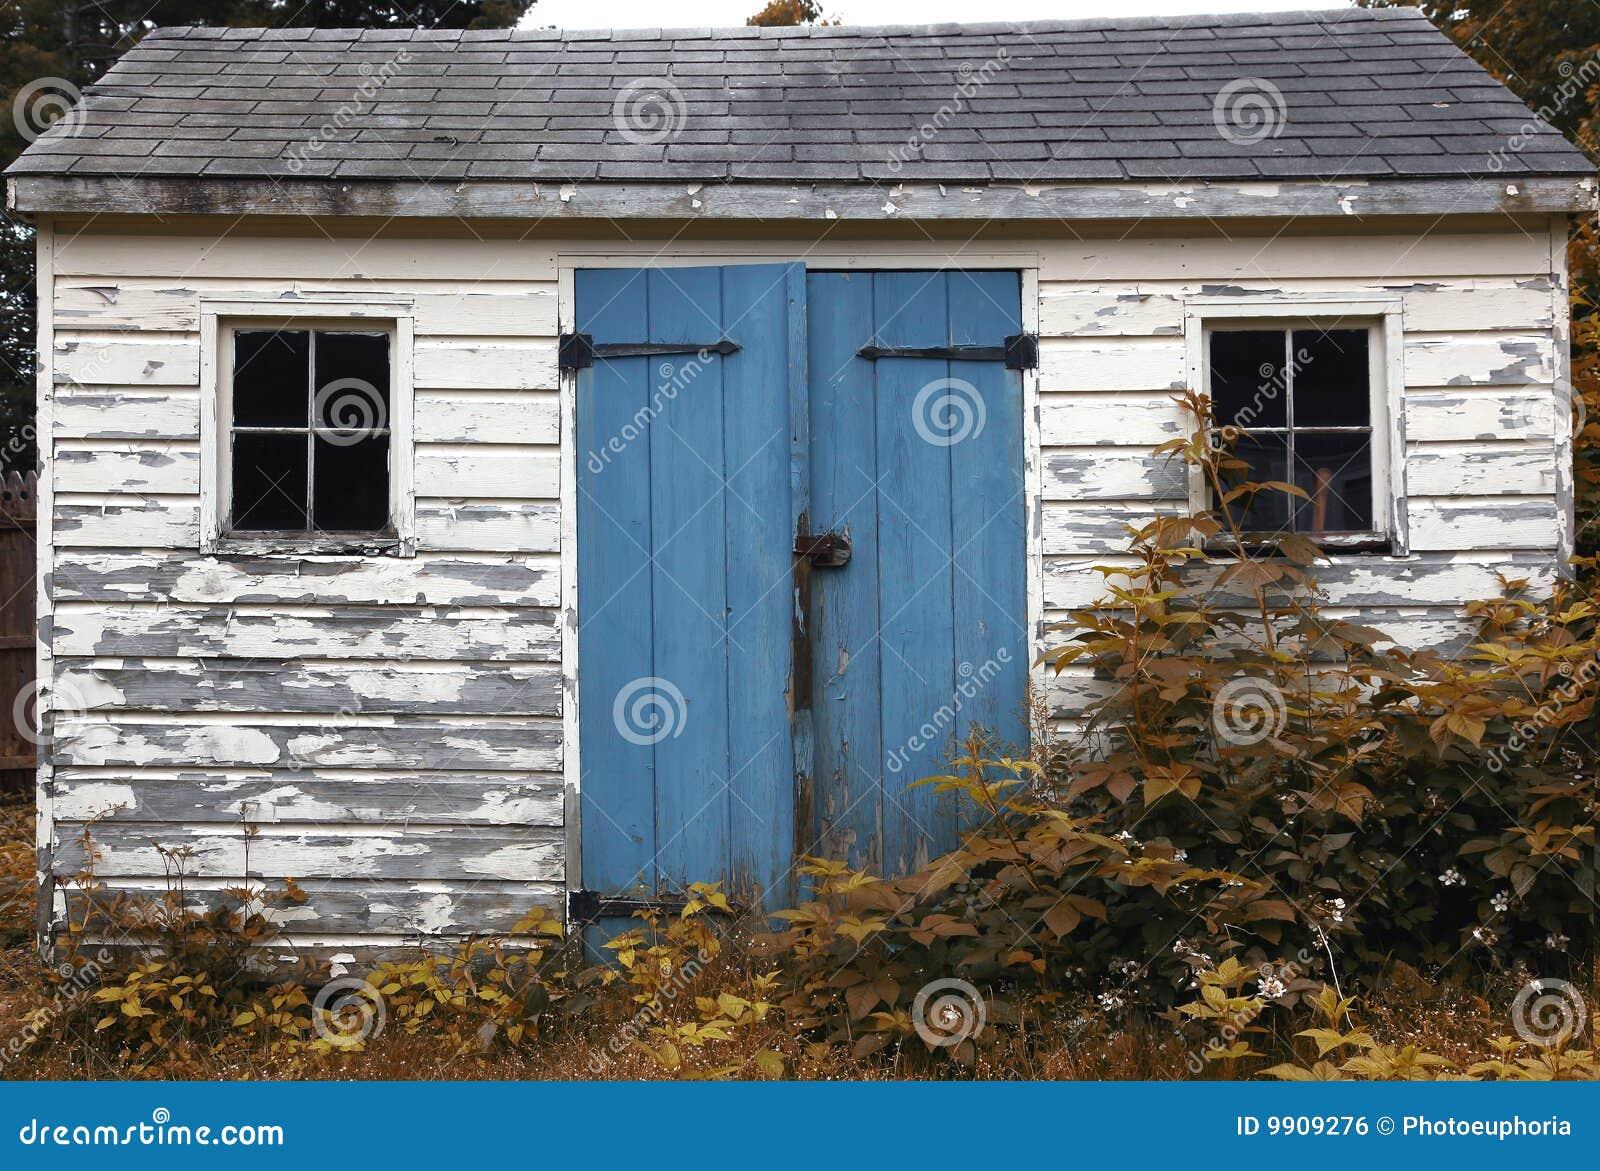 petite cabane en bois photo stock image du pauvret structure 9909276. Black Bedroom Furniture Sets. Home Design Ideas